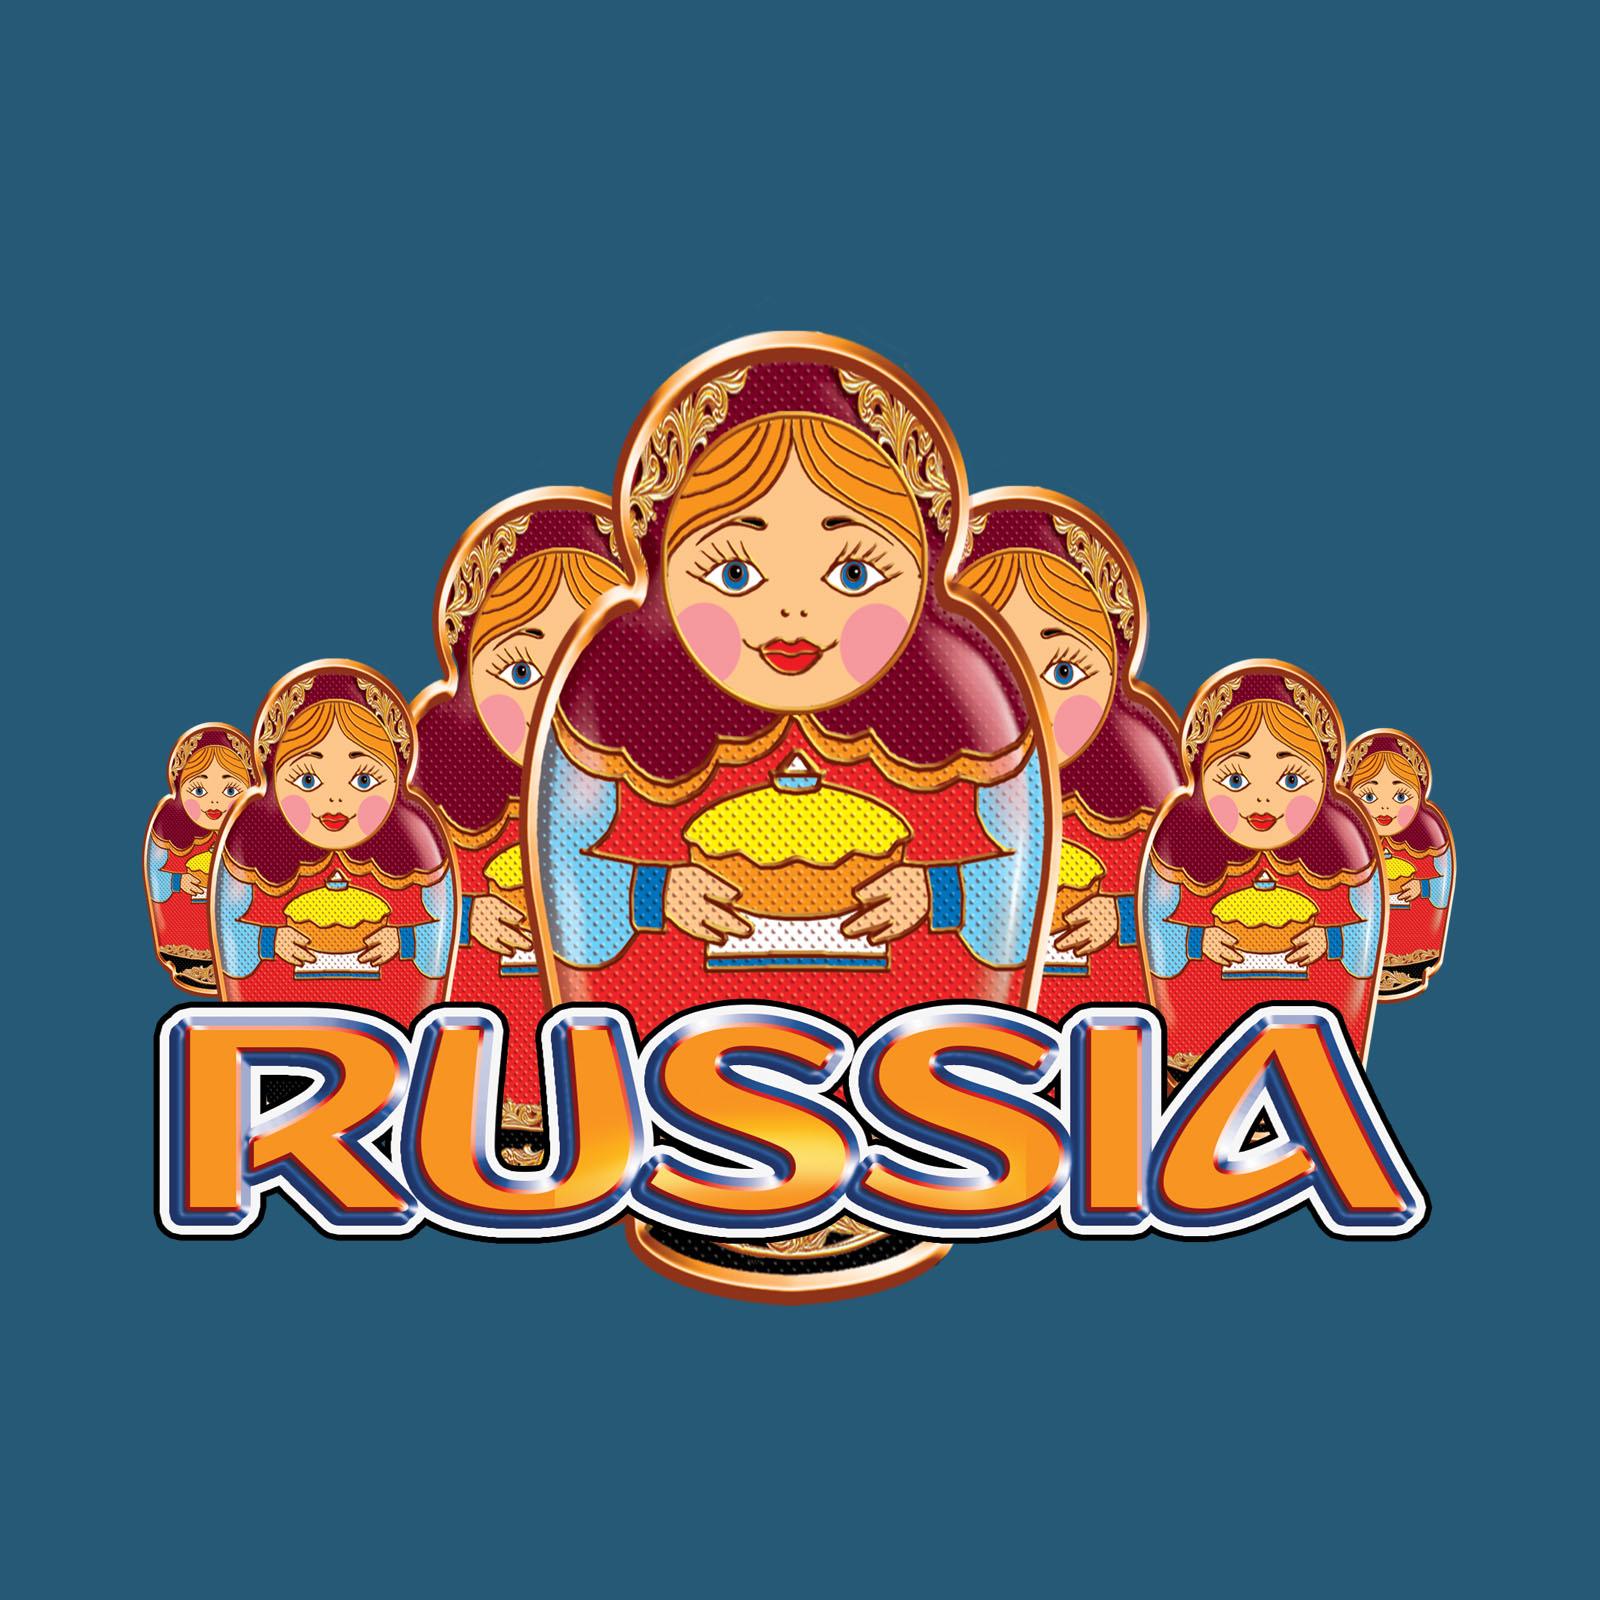 Великолепная футболка RUSSIA с матрешками.